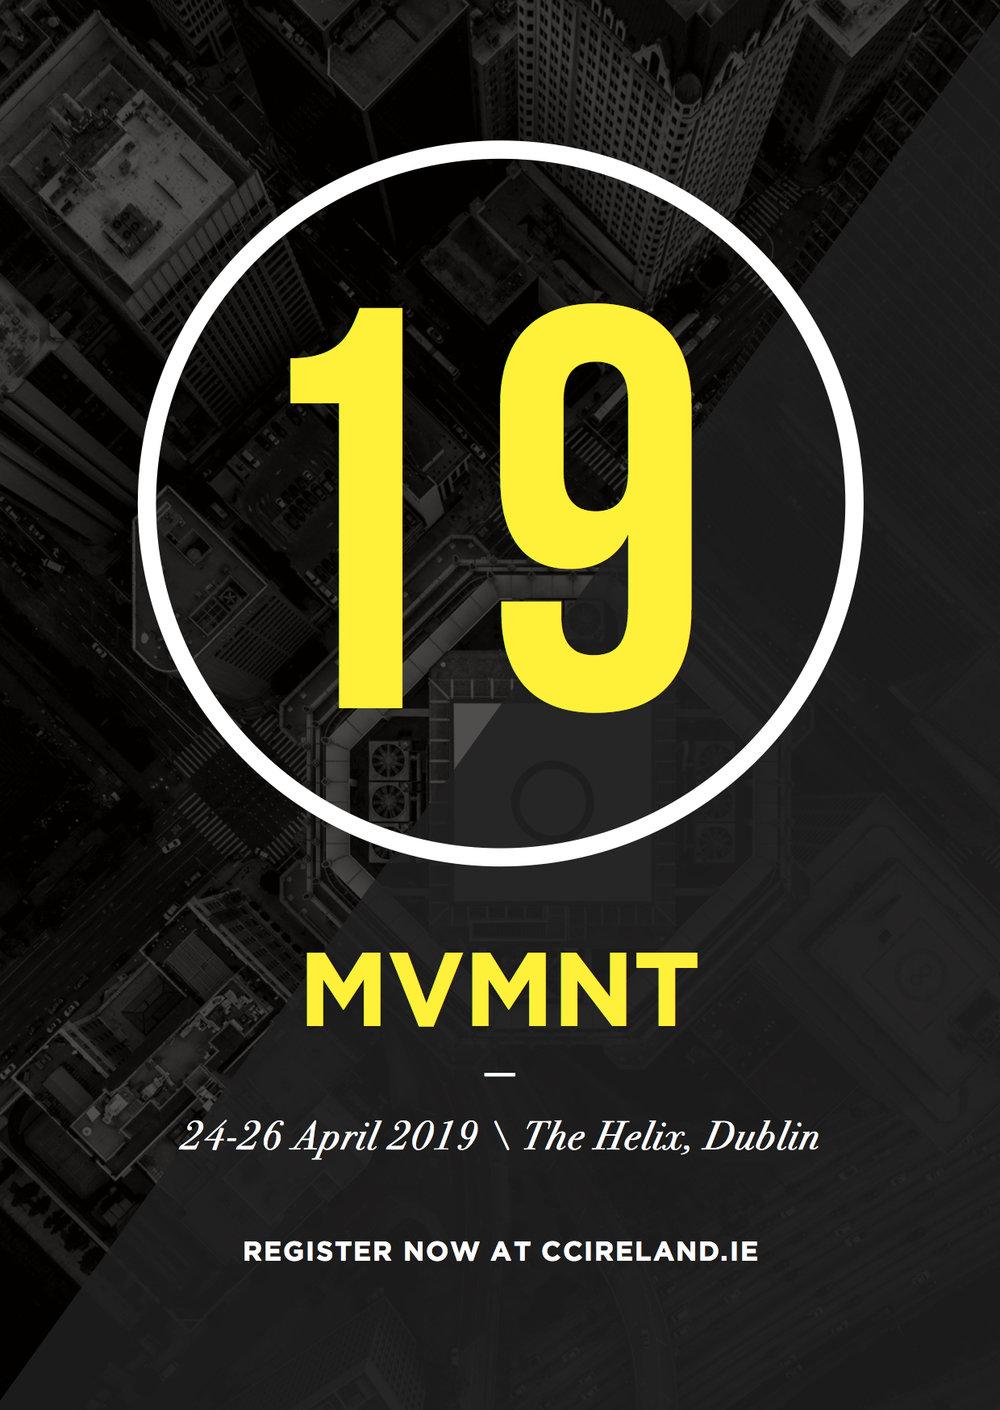 MVMNT_2019 network.jpg